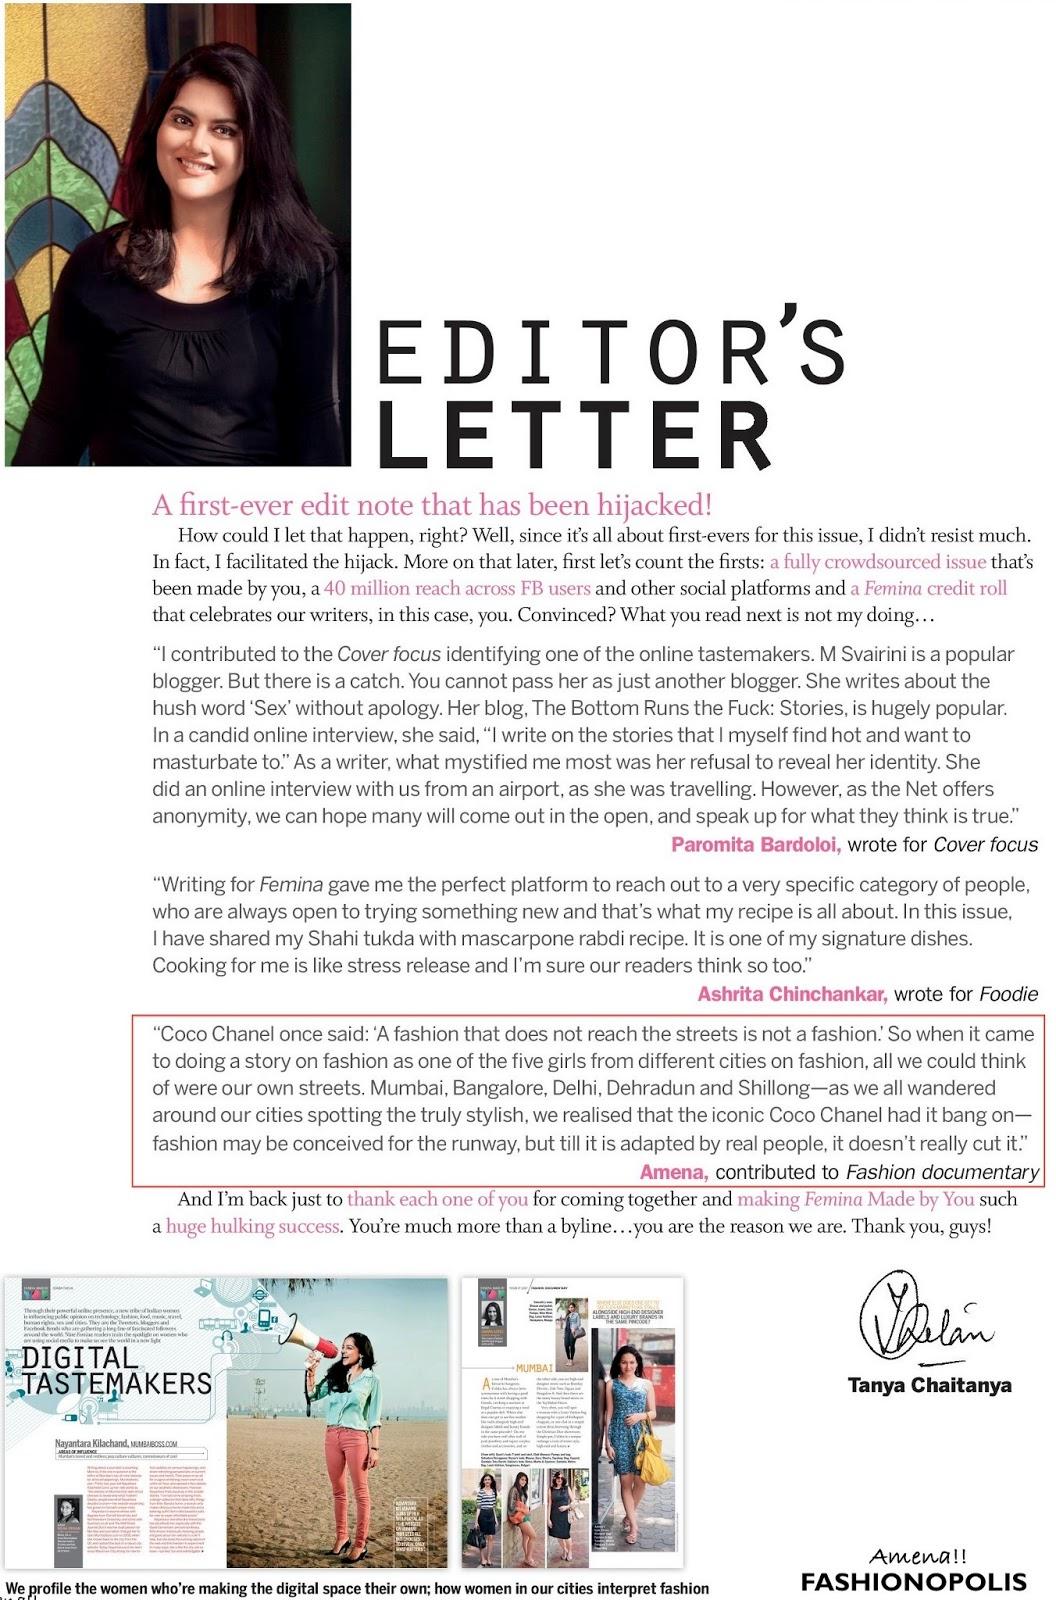 Fashion Magazine Intern Resume Fashion Stylist Example Child Care ...